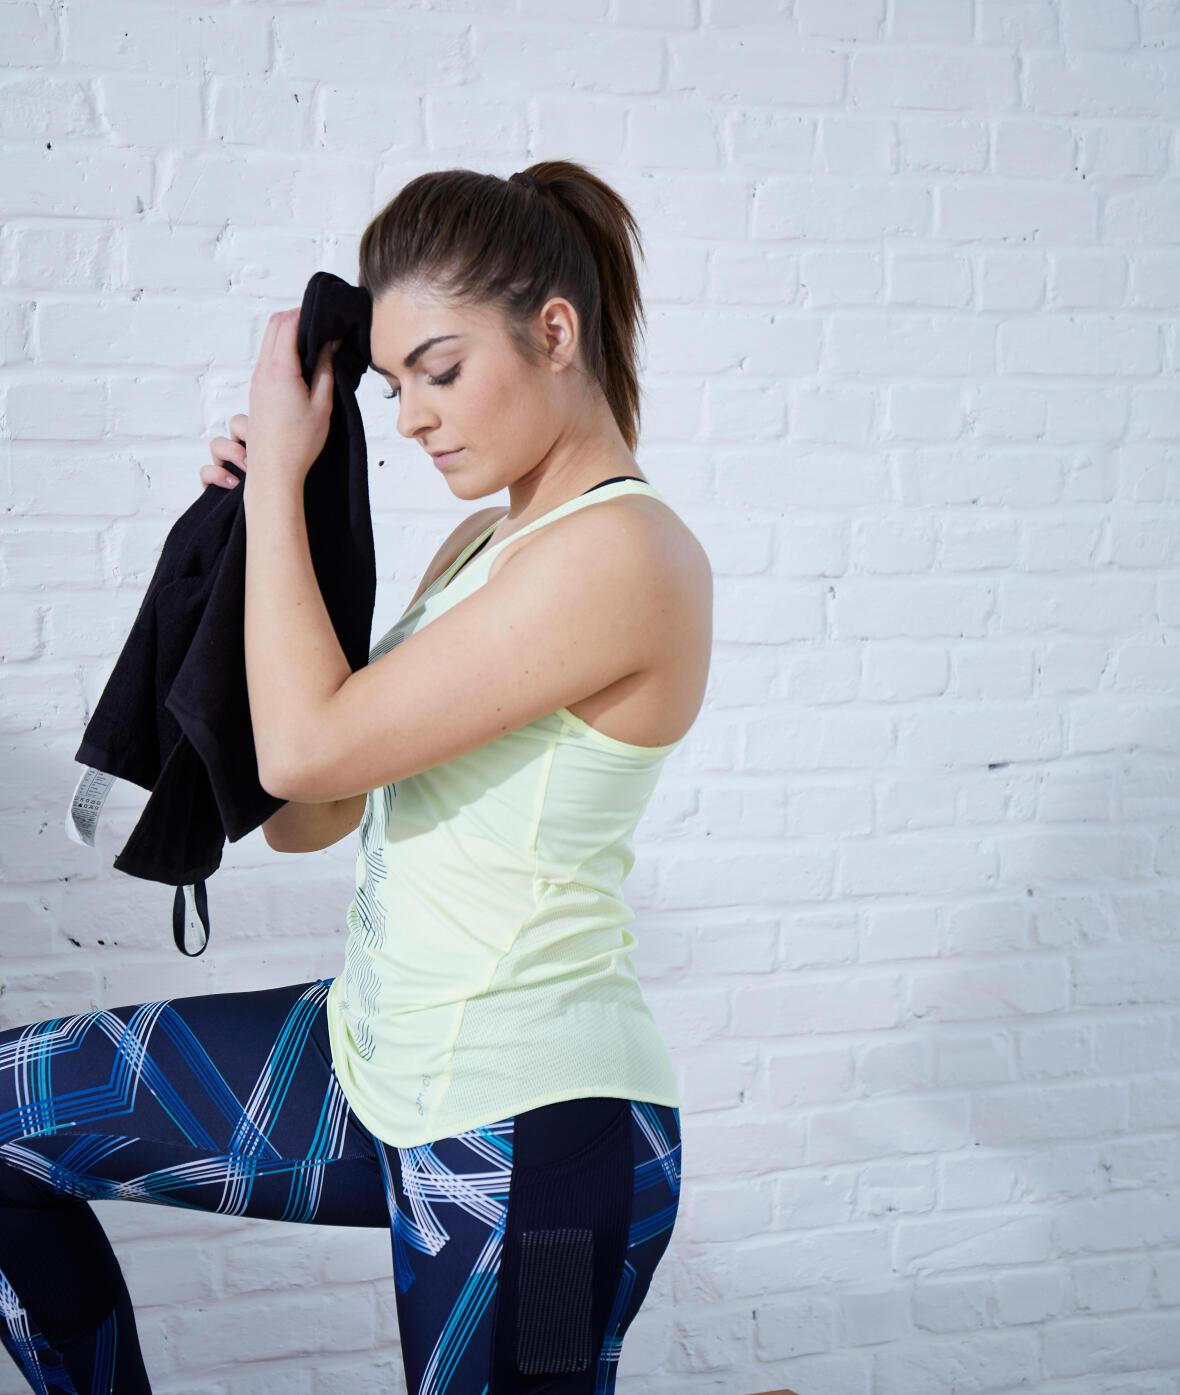 Une femme prend une pause de son entraînement